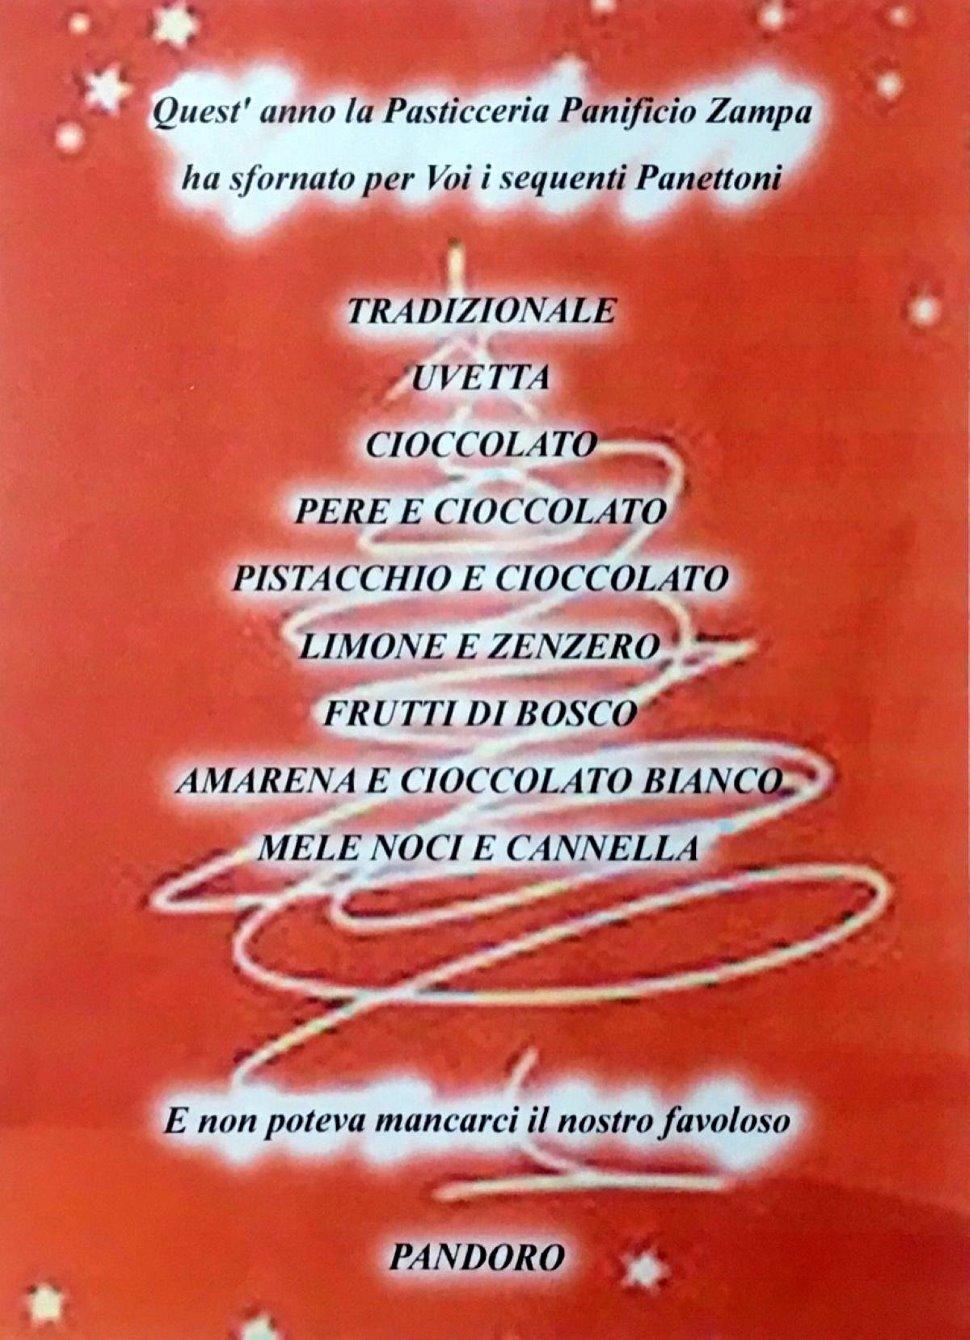 Arriva il Natale in Pasticceria Zampa a Udine